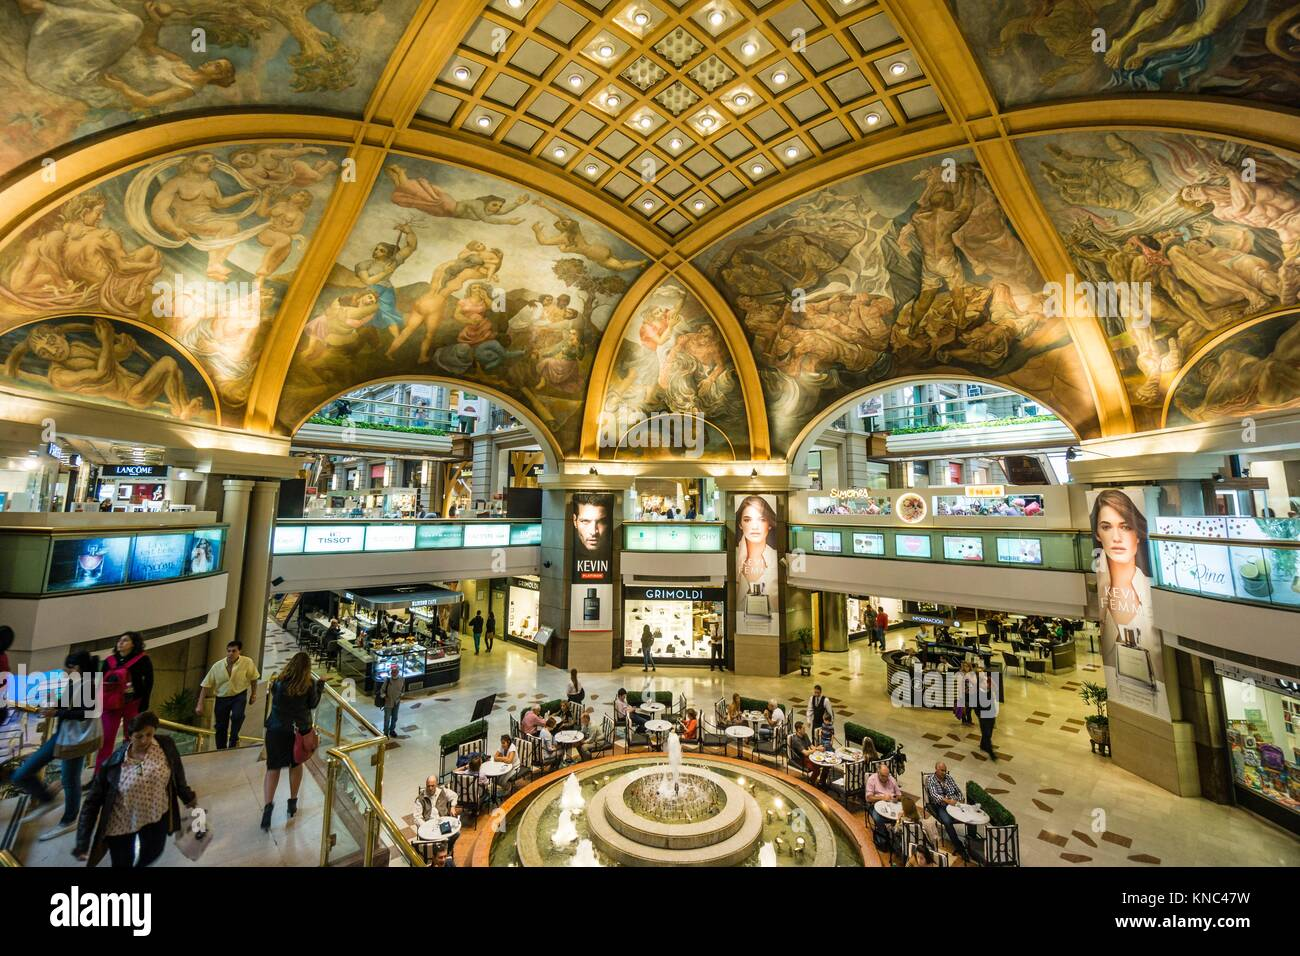 Arquitecto Stock Photos Arquitecto Stock Images Alamy